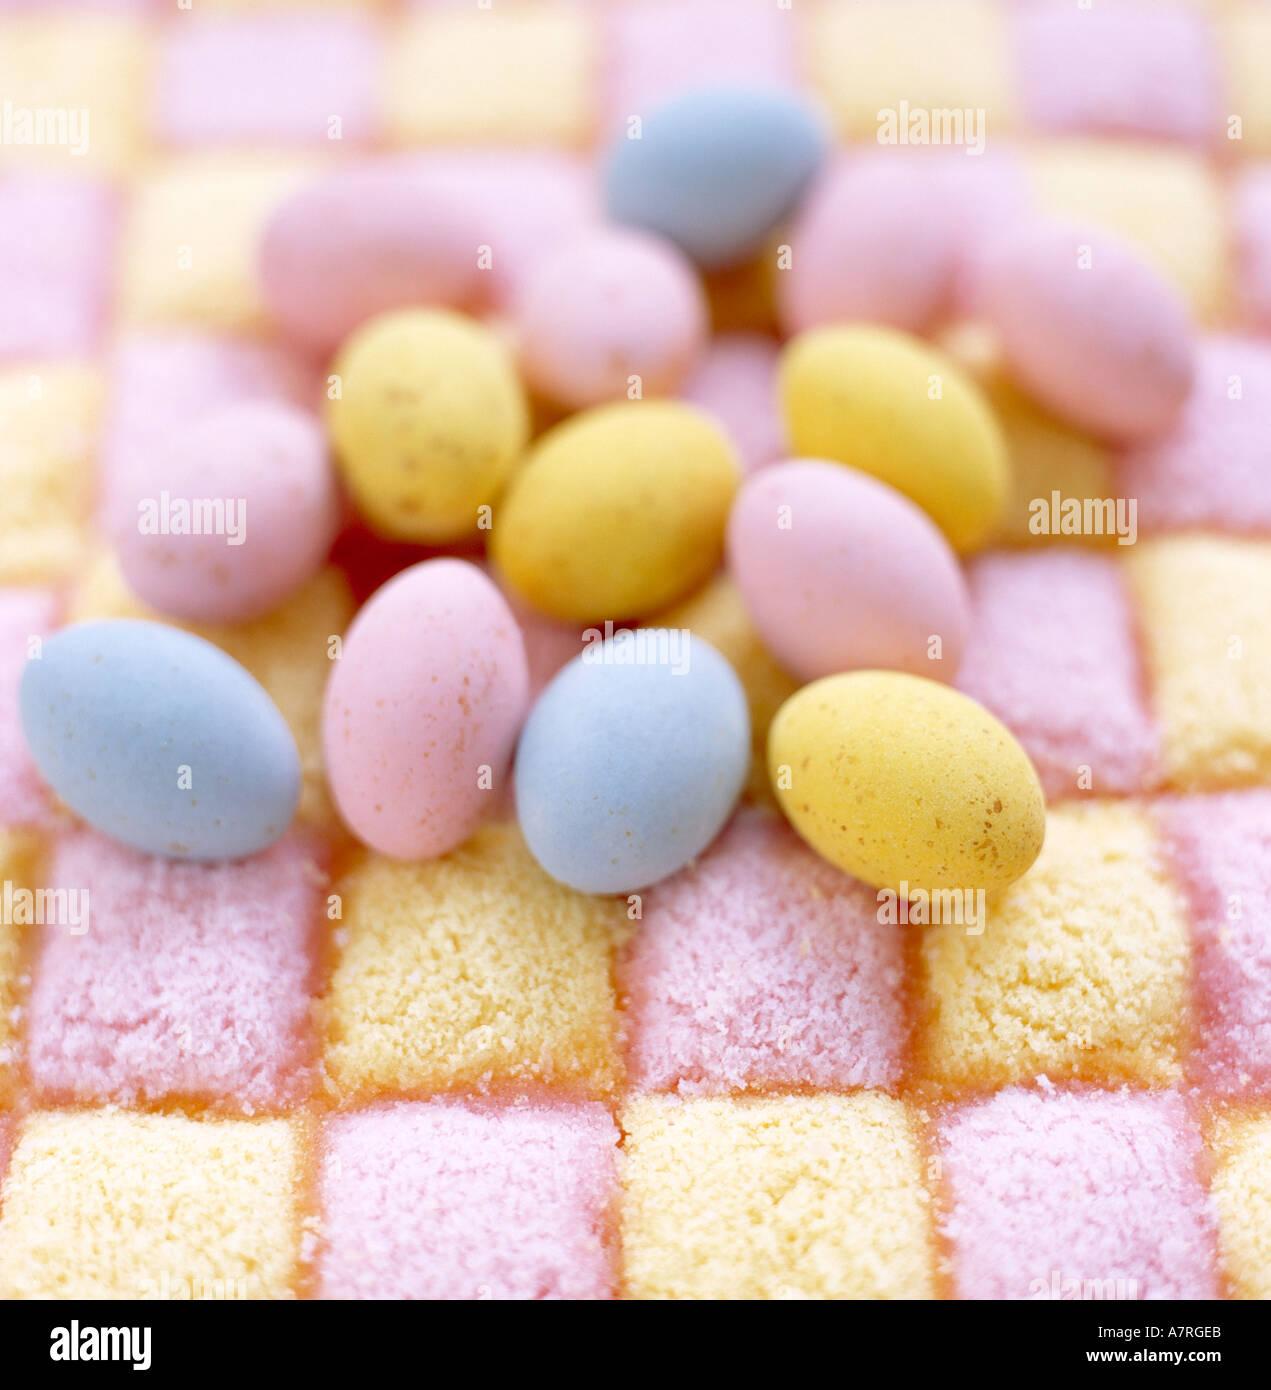 close up of pastel coloured coated chocolate mini eggs on Battenburg cake background - Stock Image